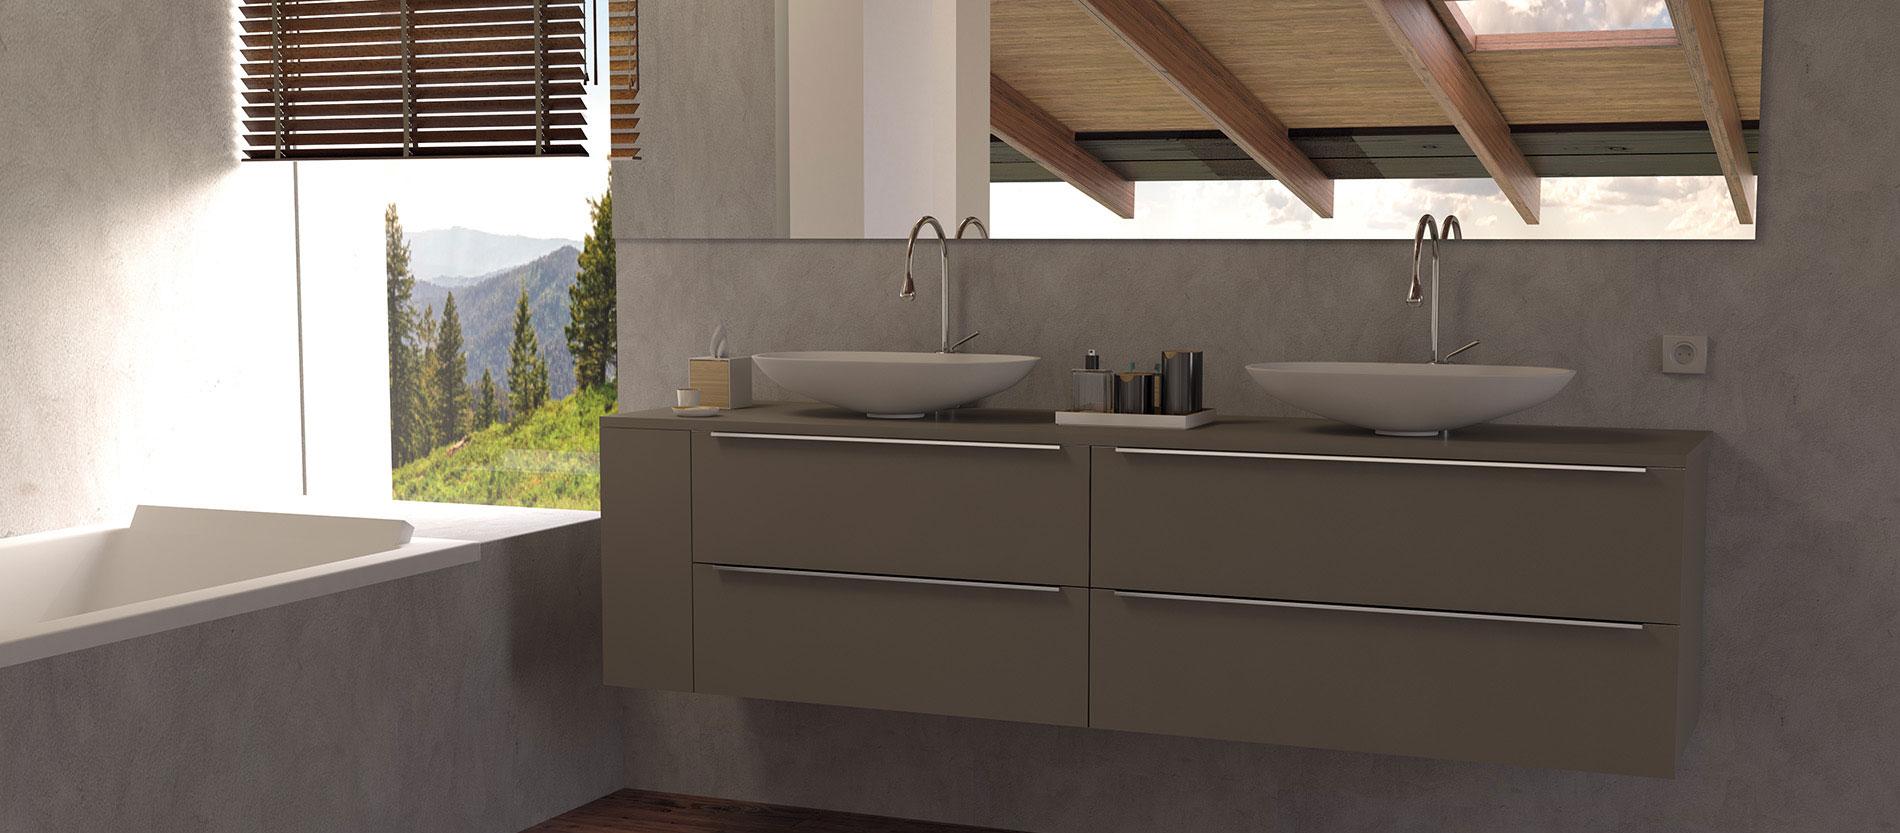 baño-serie-volga-twenty-basalto